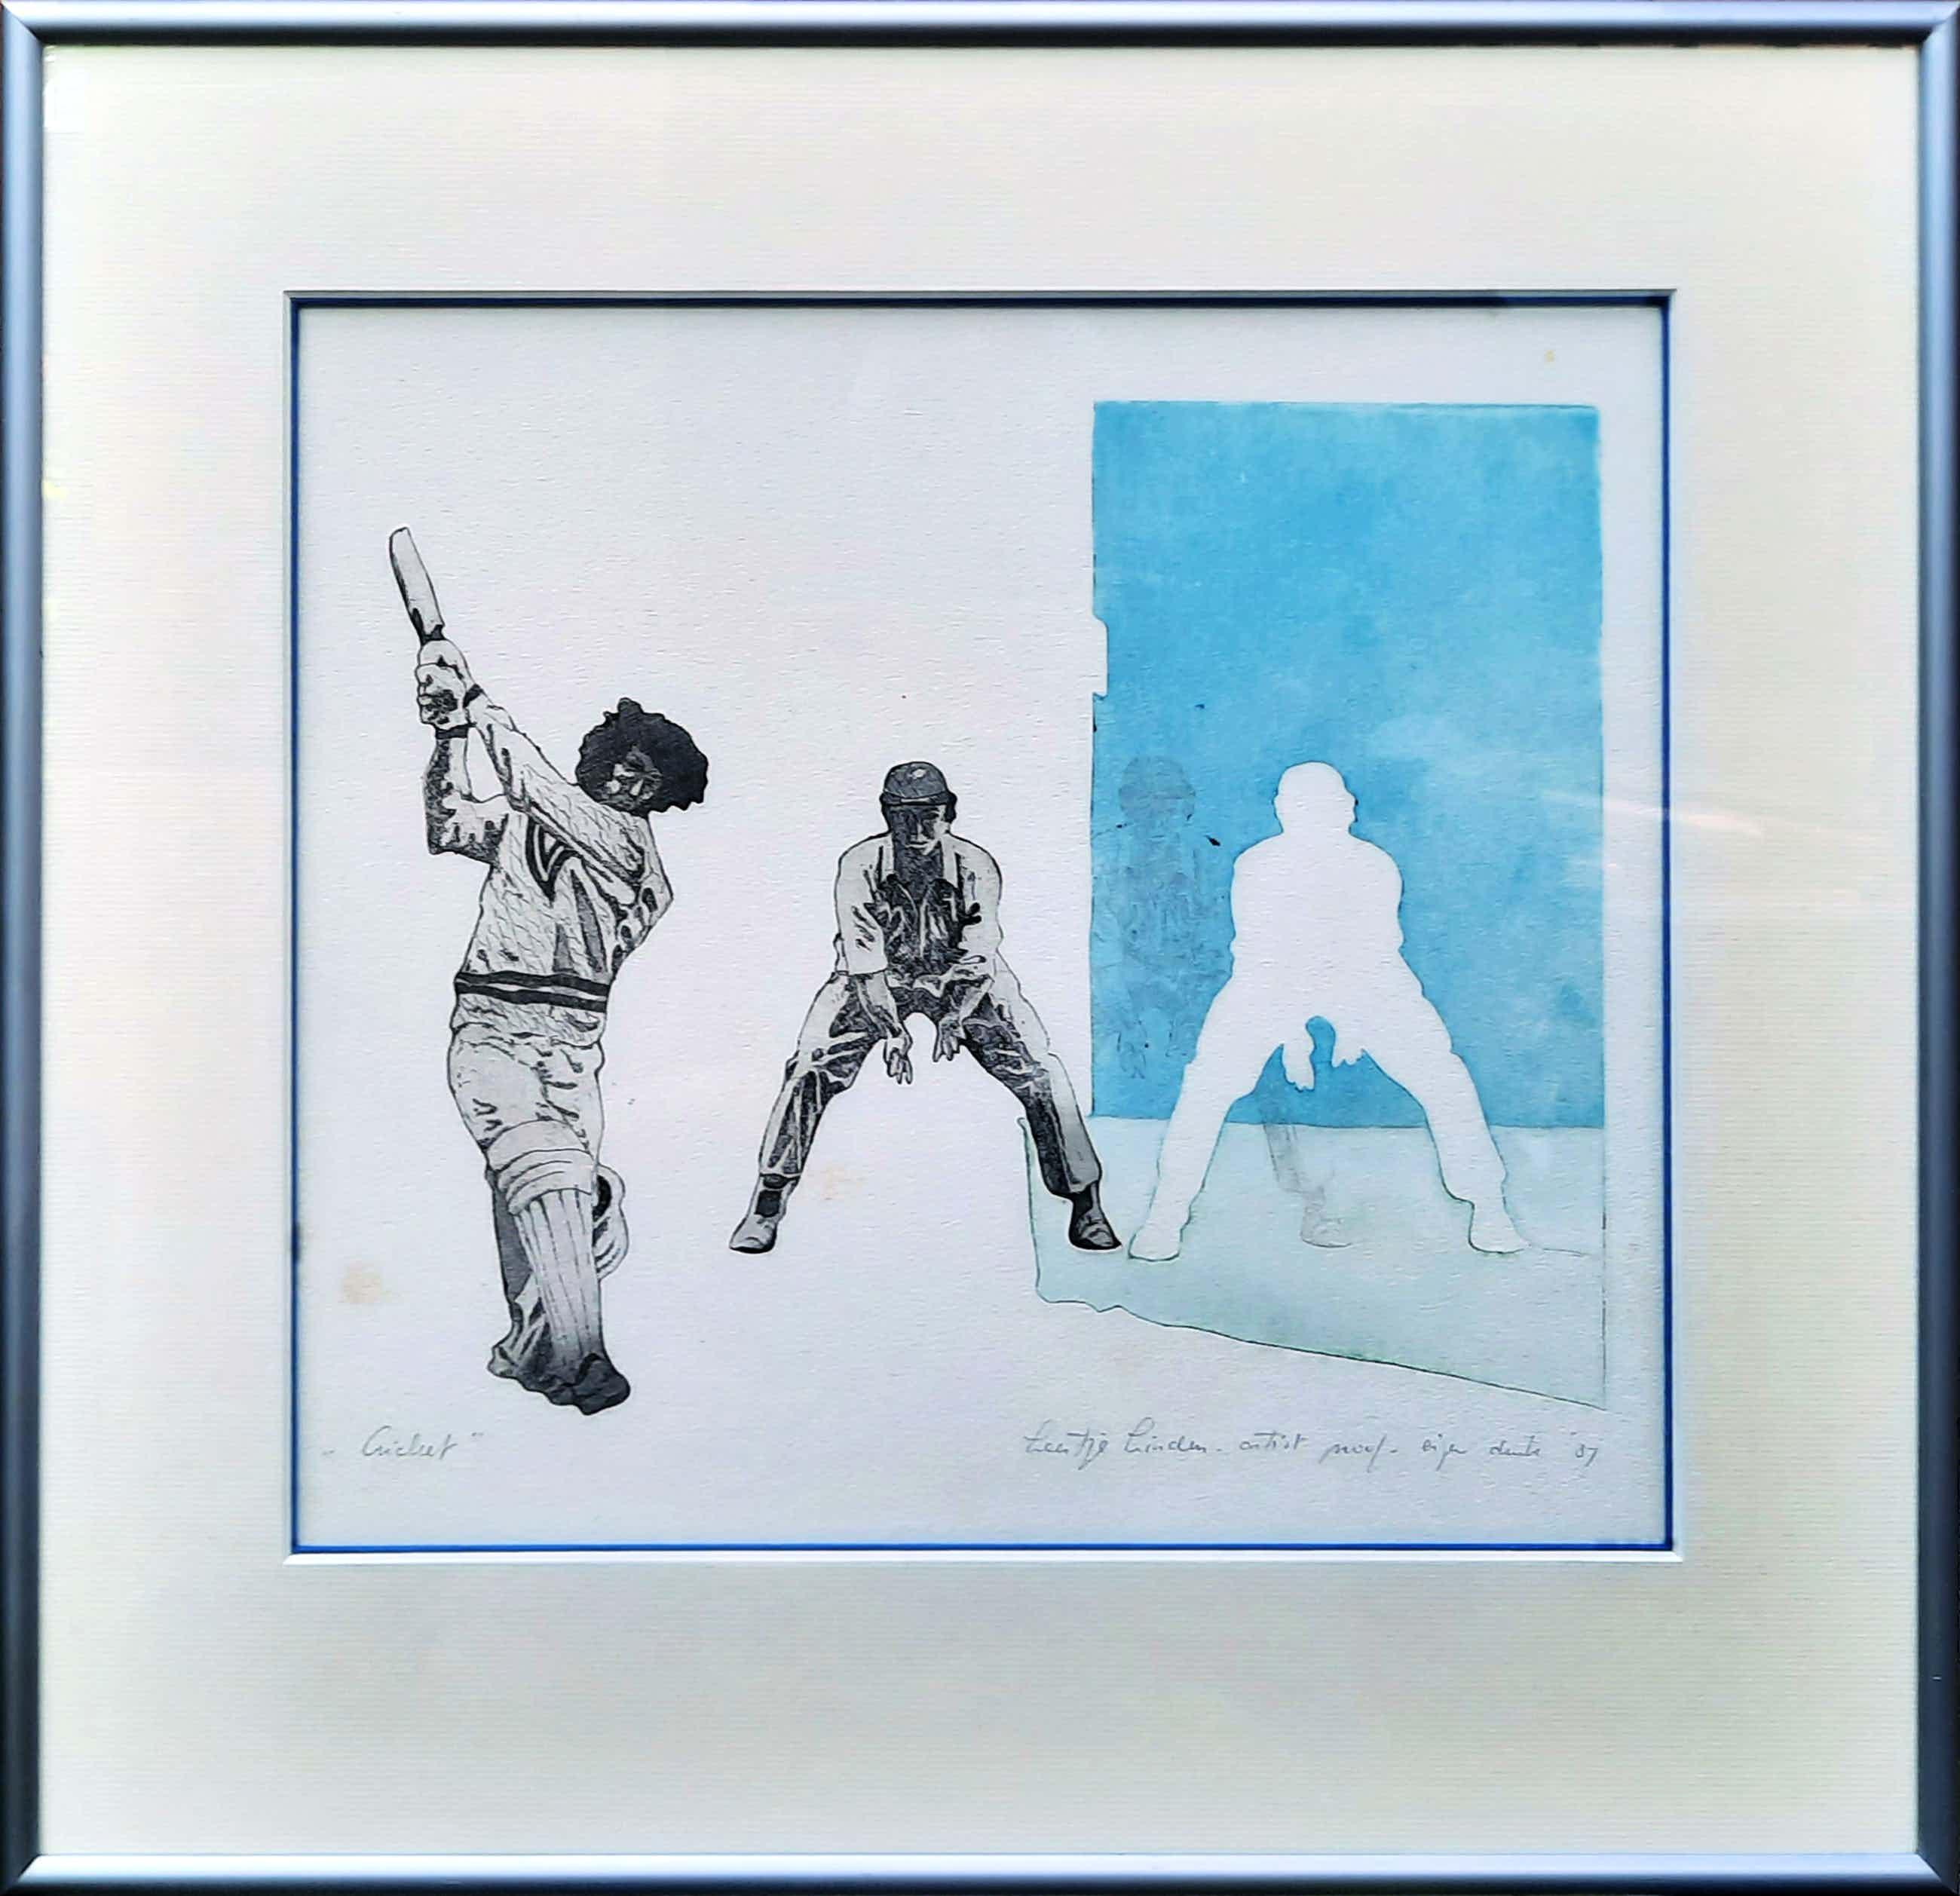 Leentje Linders - ETS in nieuwe lijst - Cricket a.p. 1987 - 21045 kopen? Bied vanaf 45!